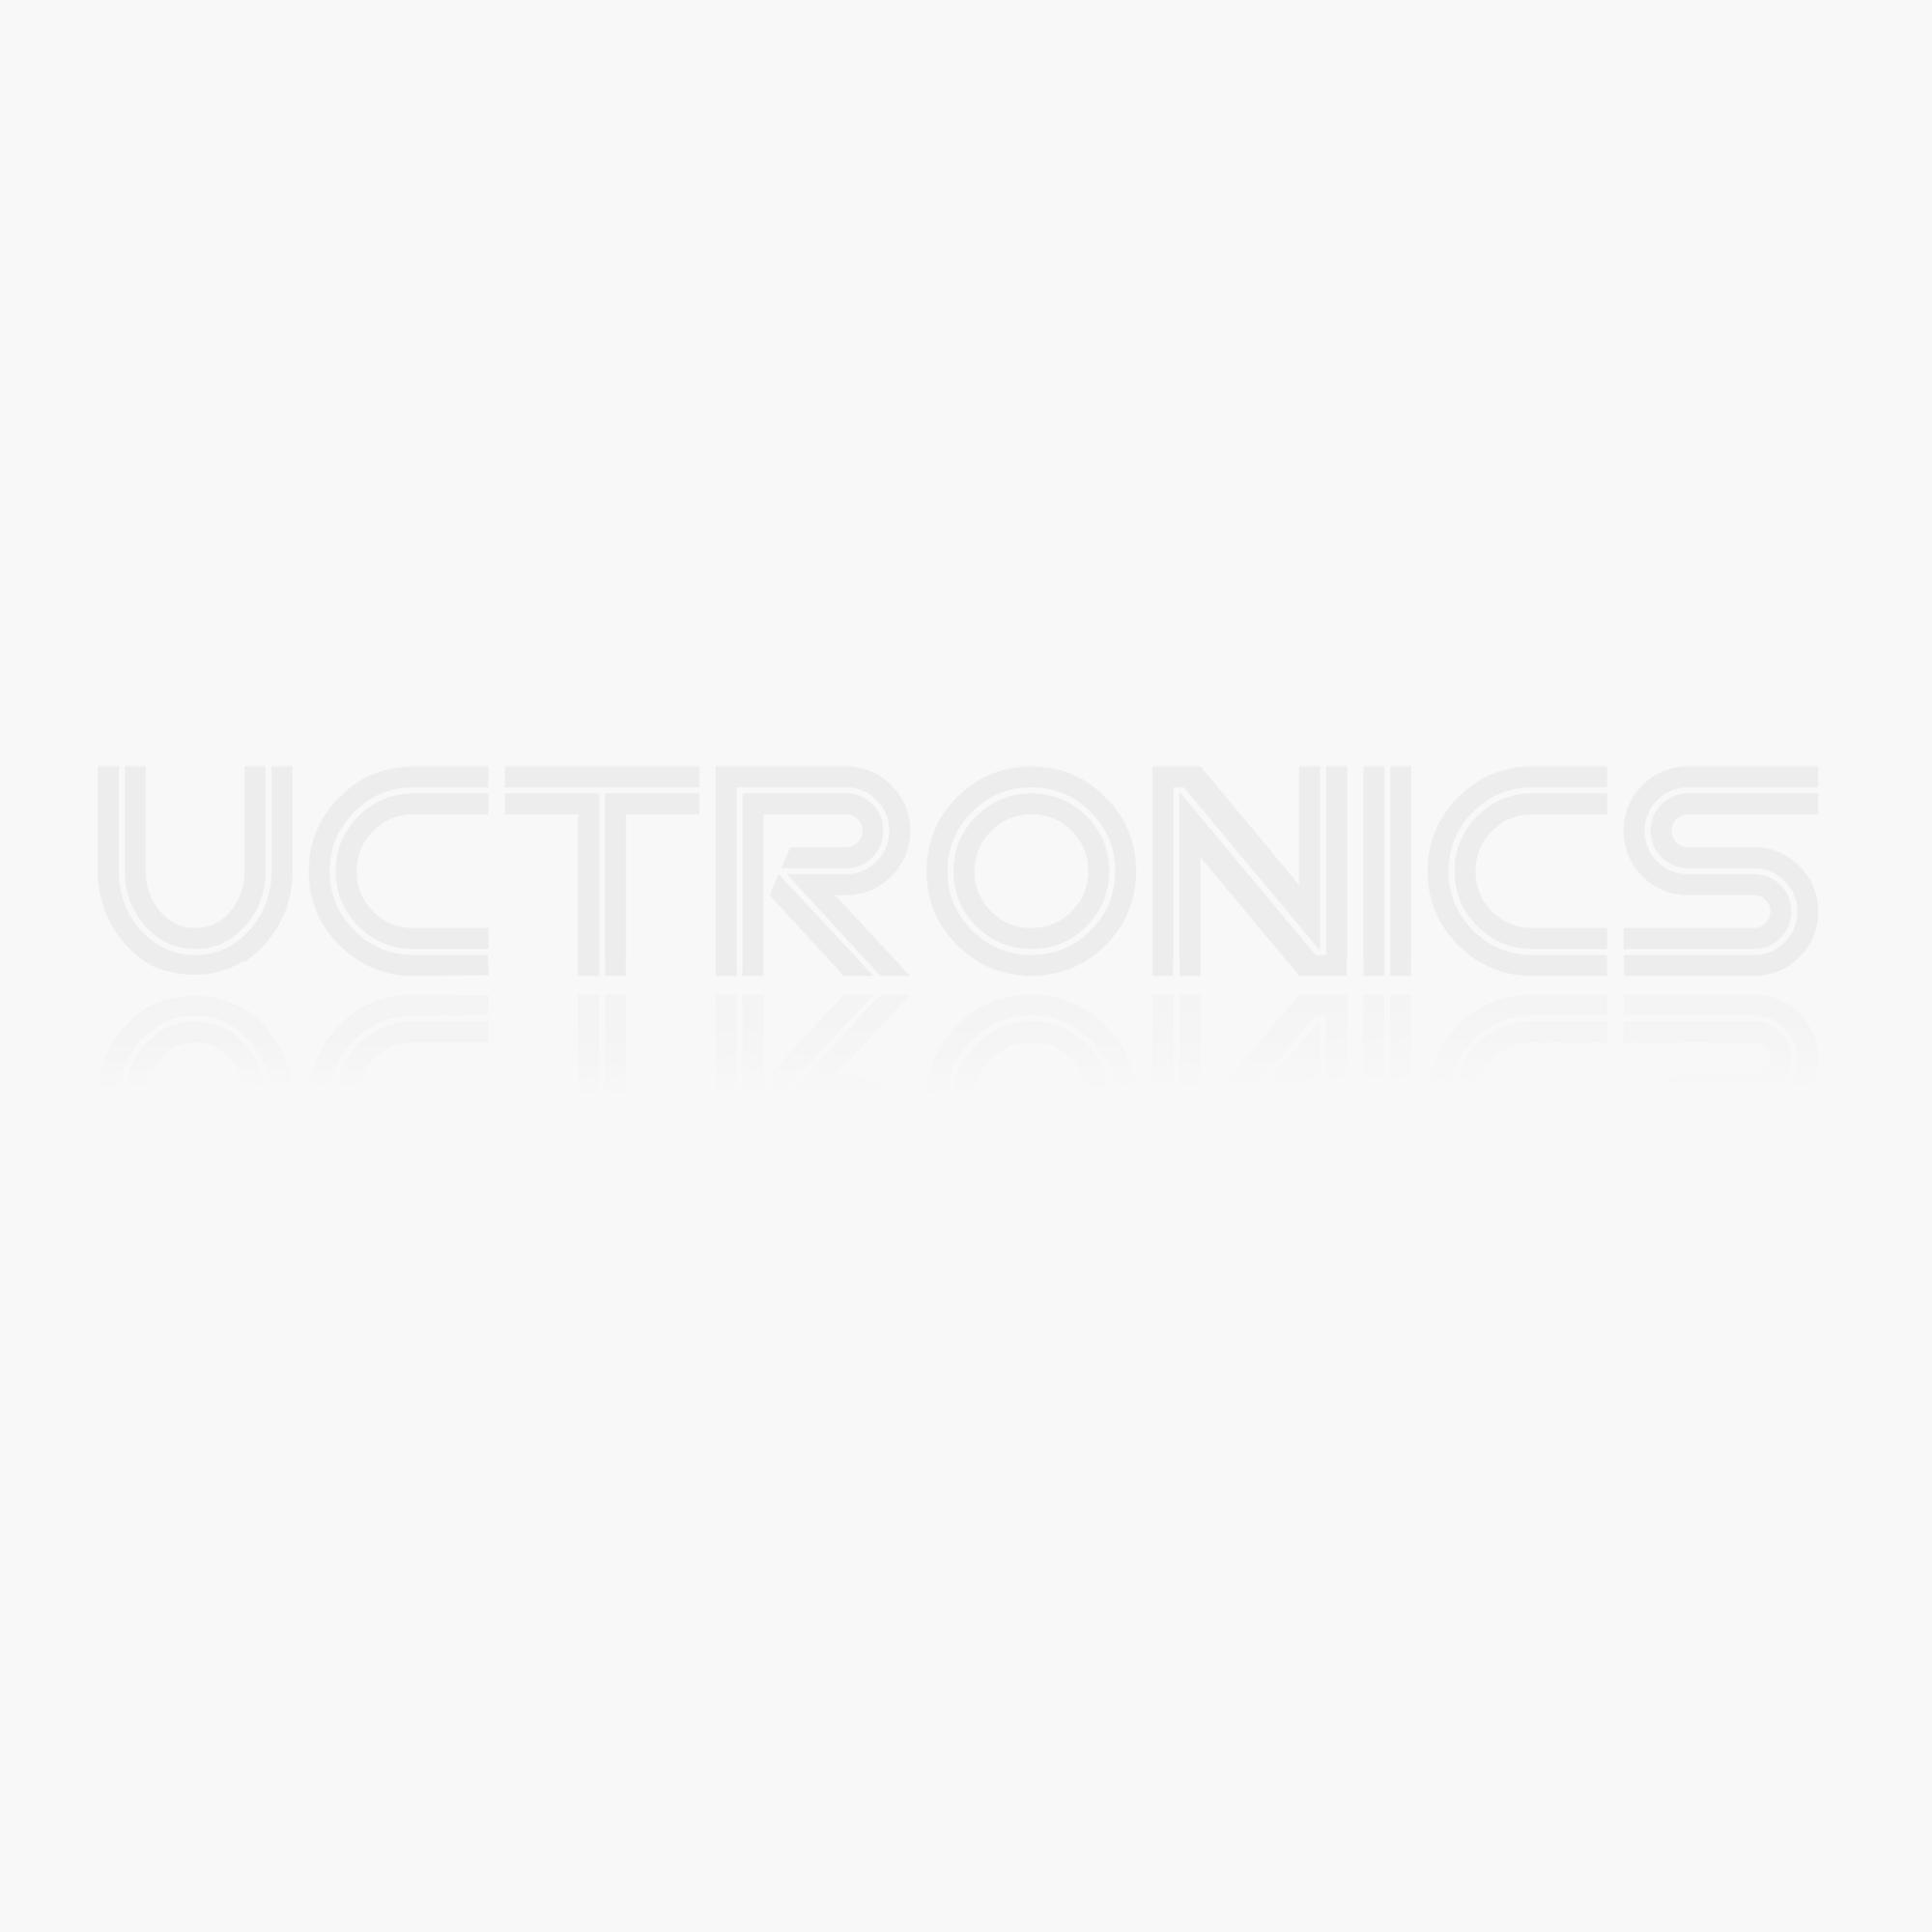 V27M Digital DC 4.5-150V Voltage Meter Green Self-Powered